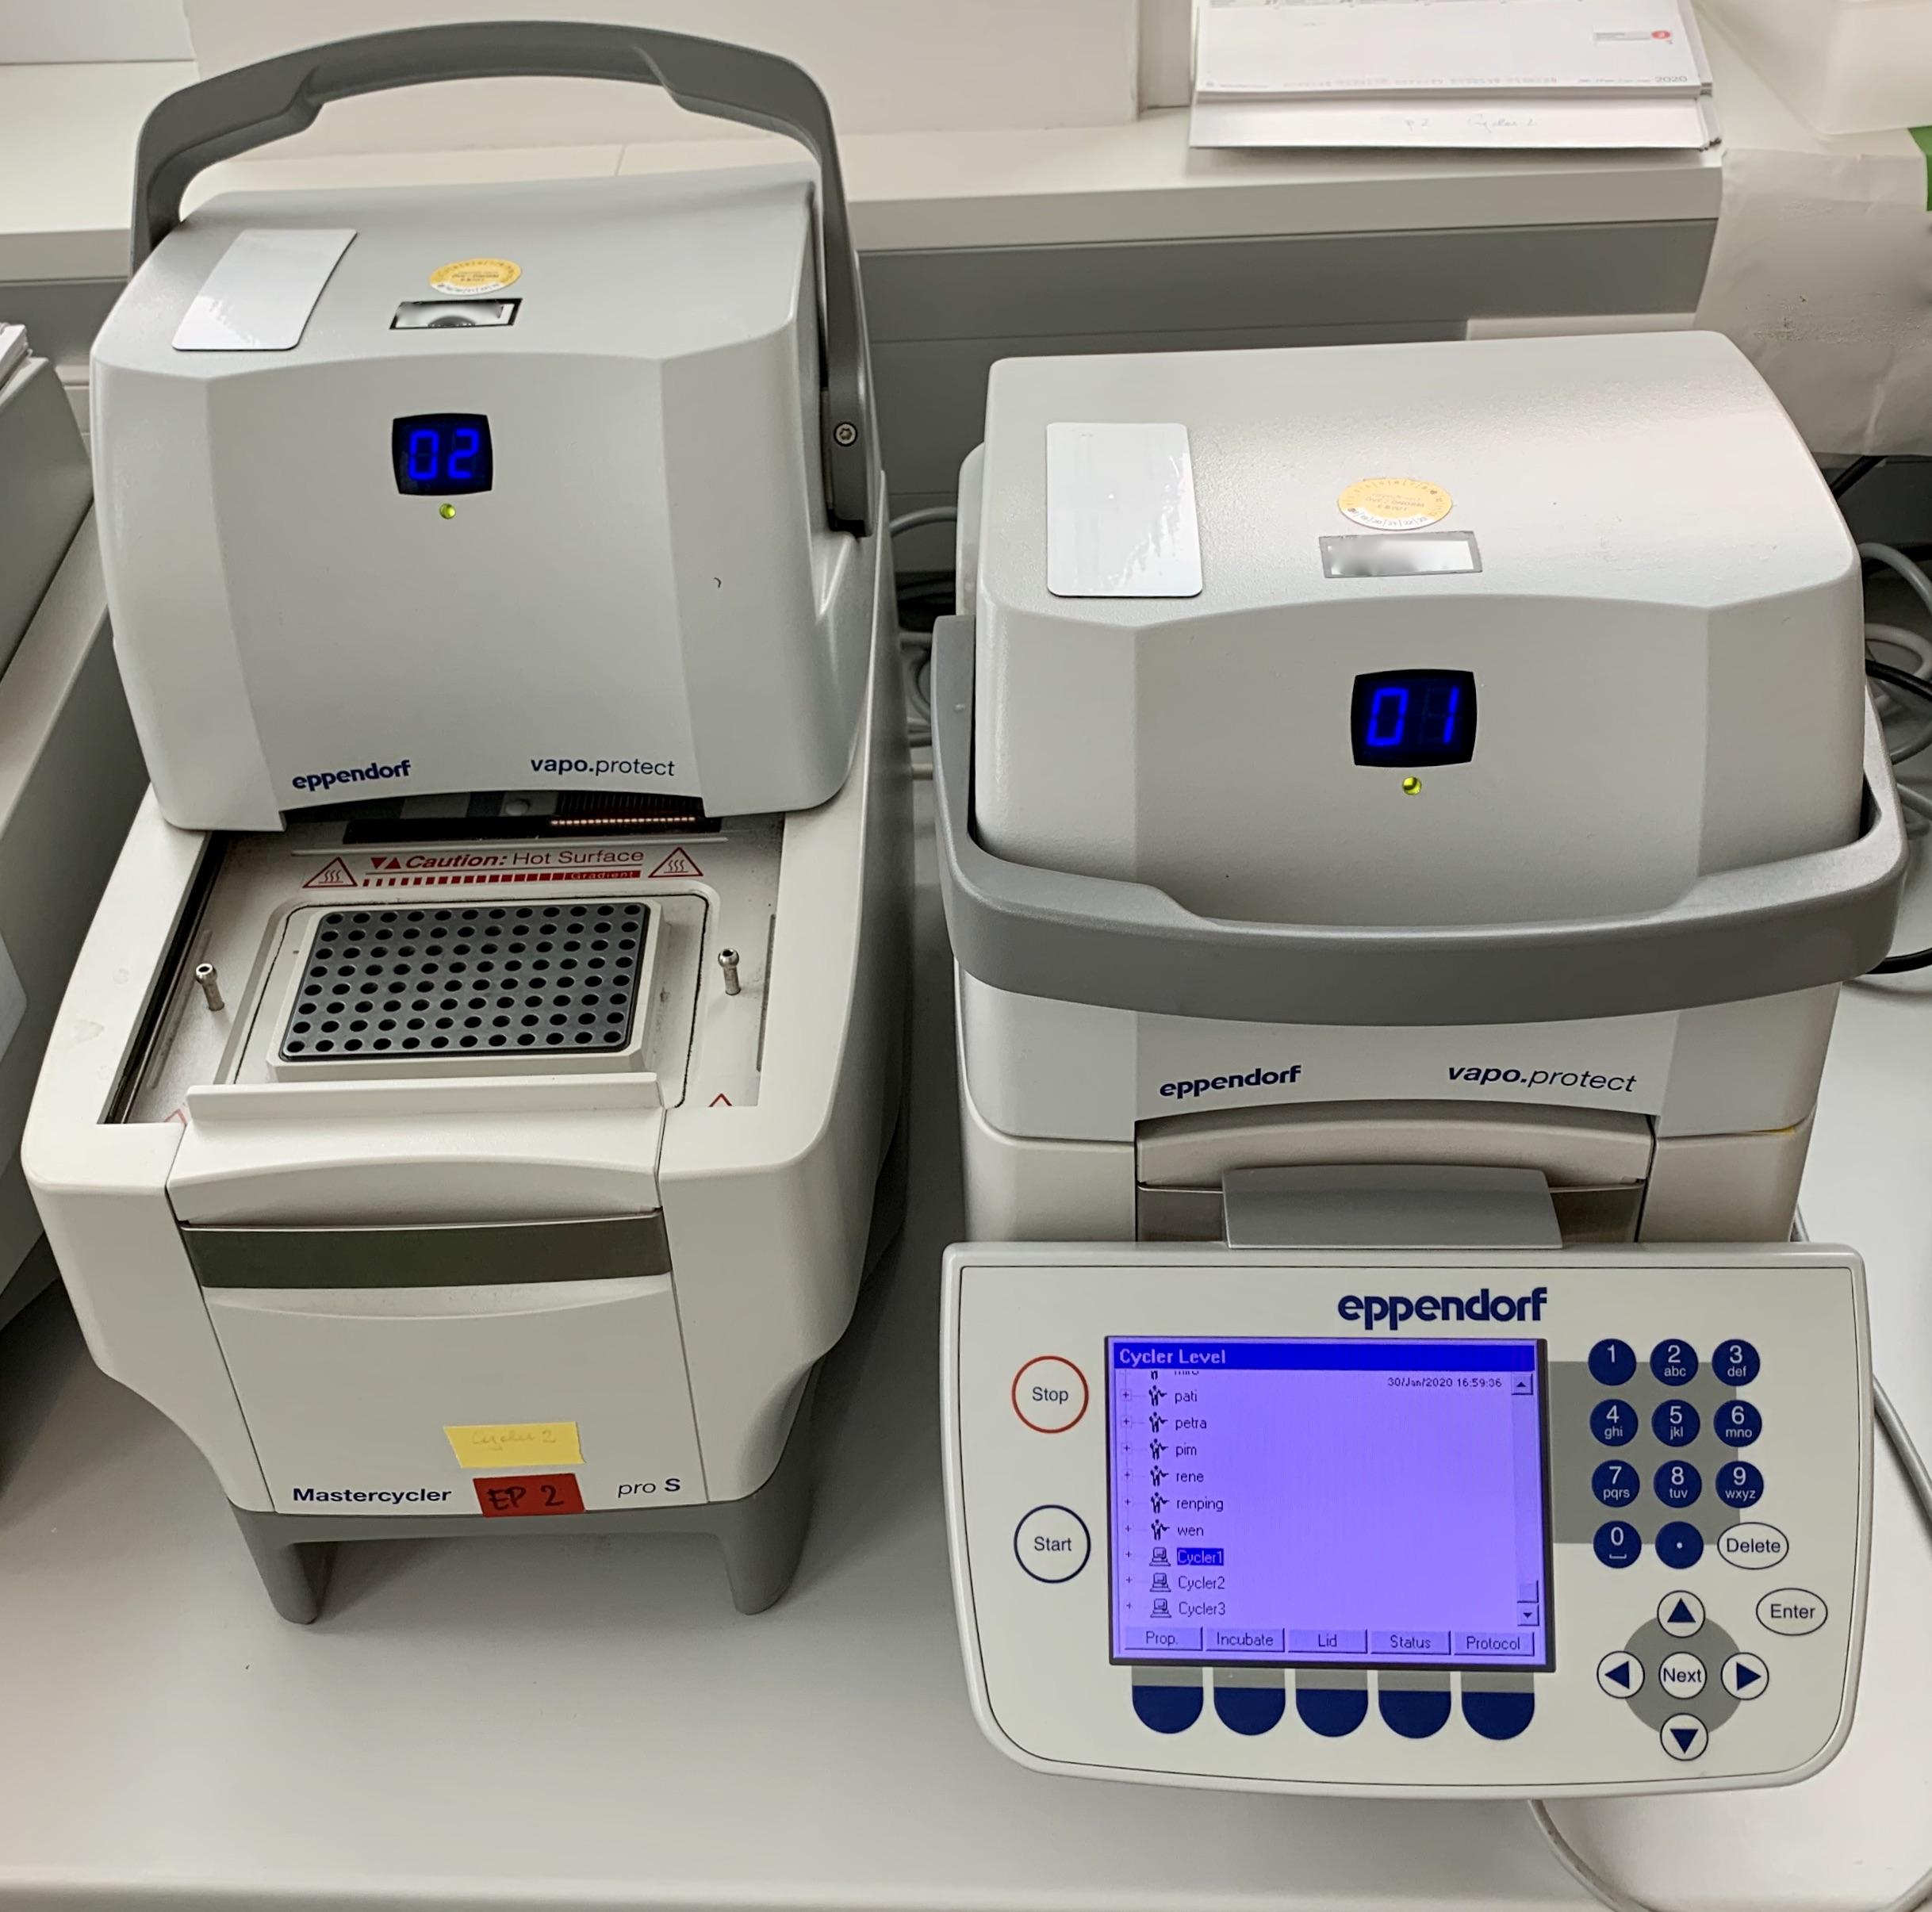 Cet appareil est utilisé pour réaliser des PCR